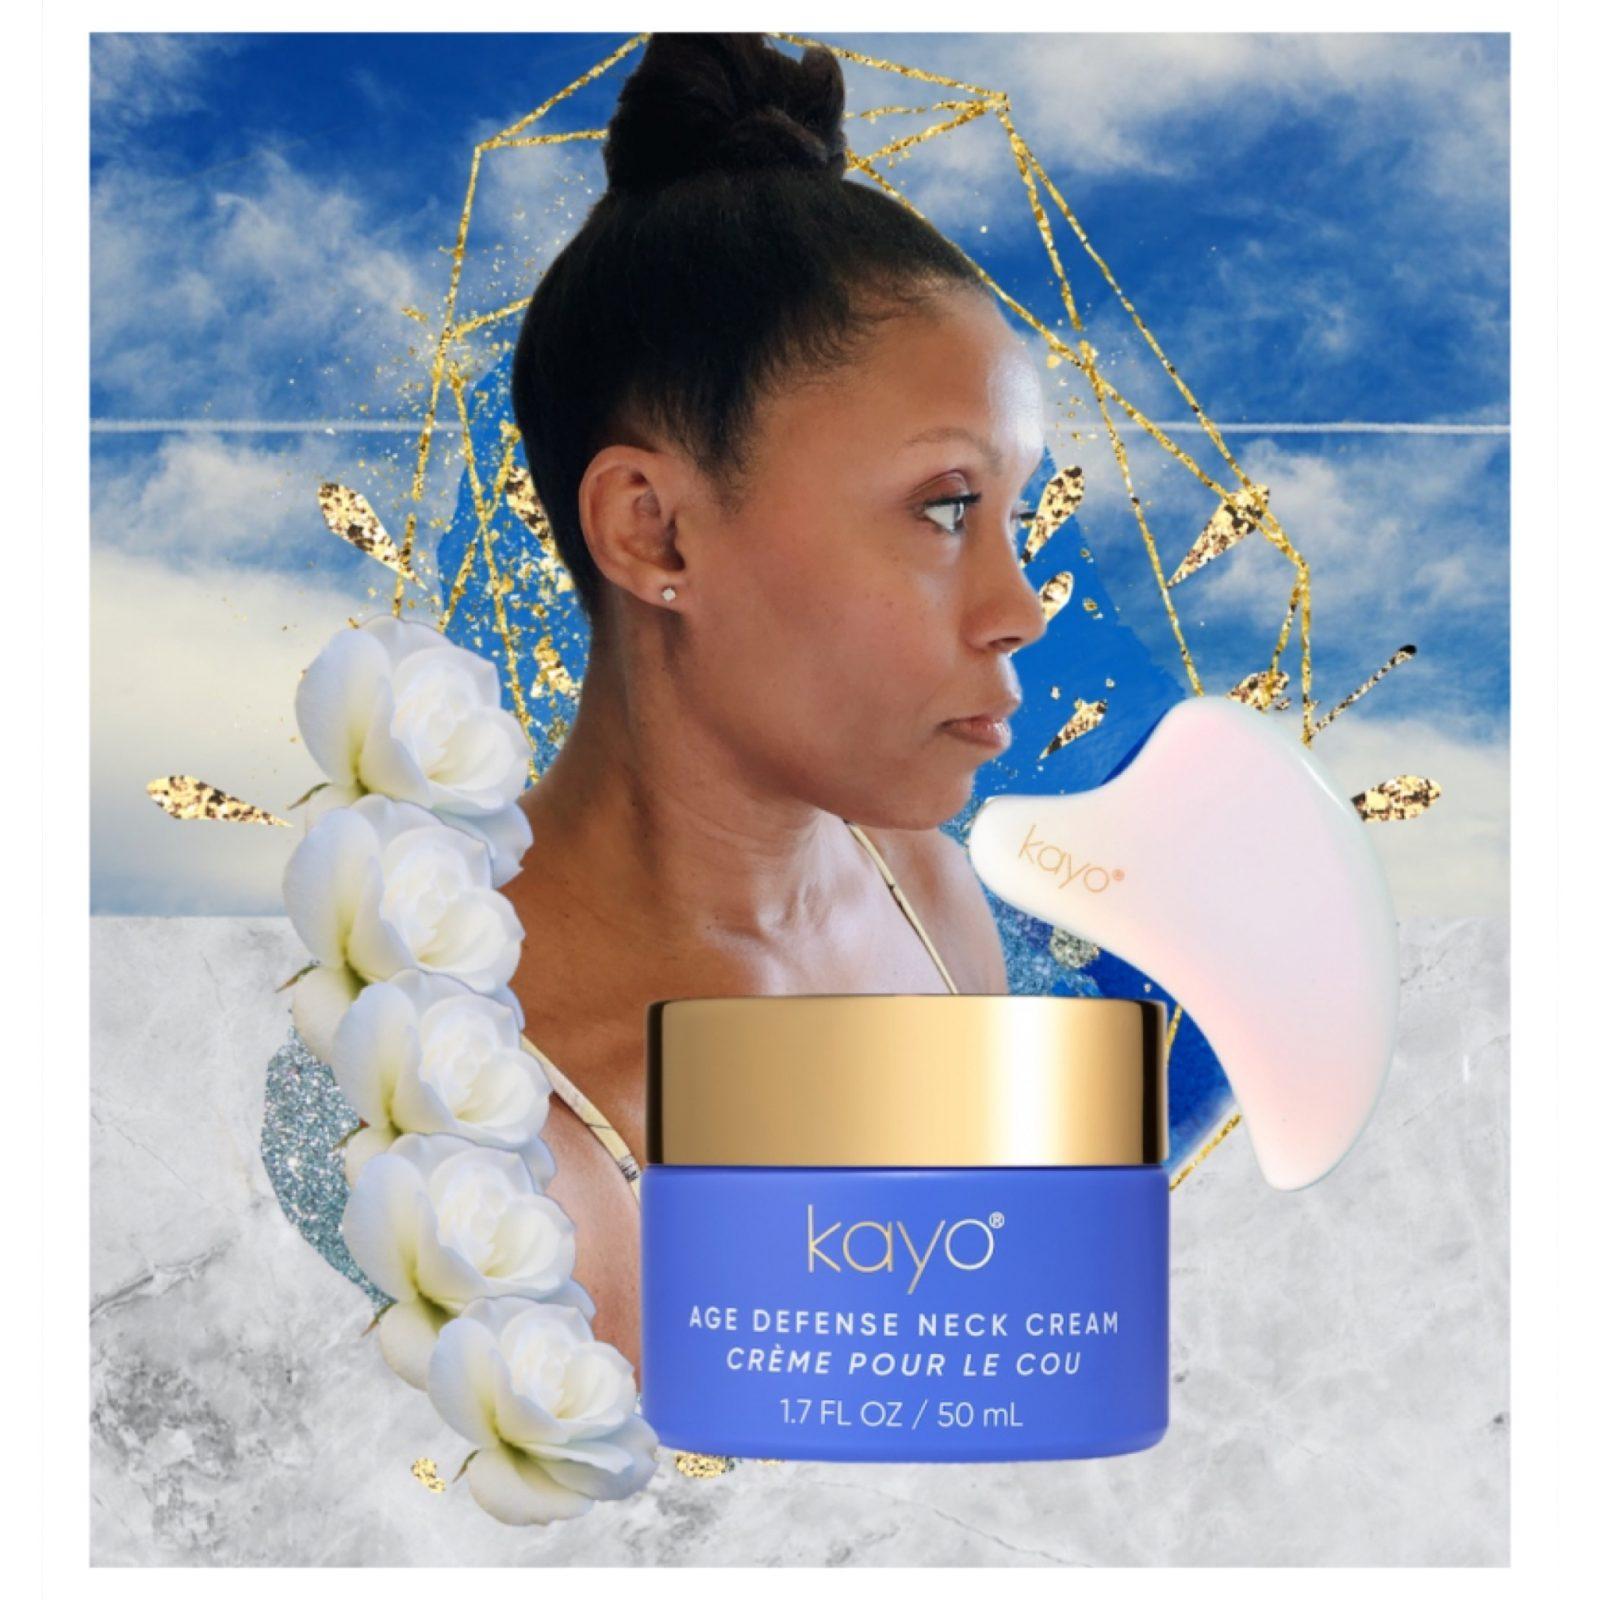 Kayo Neck Cream; kayo body care reviews